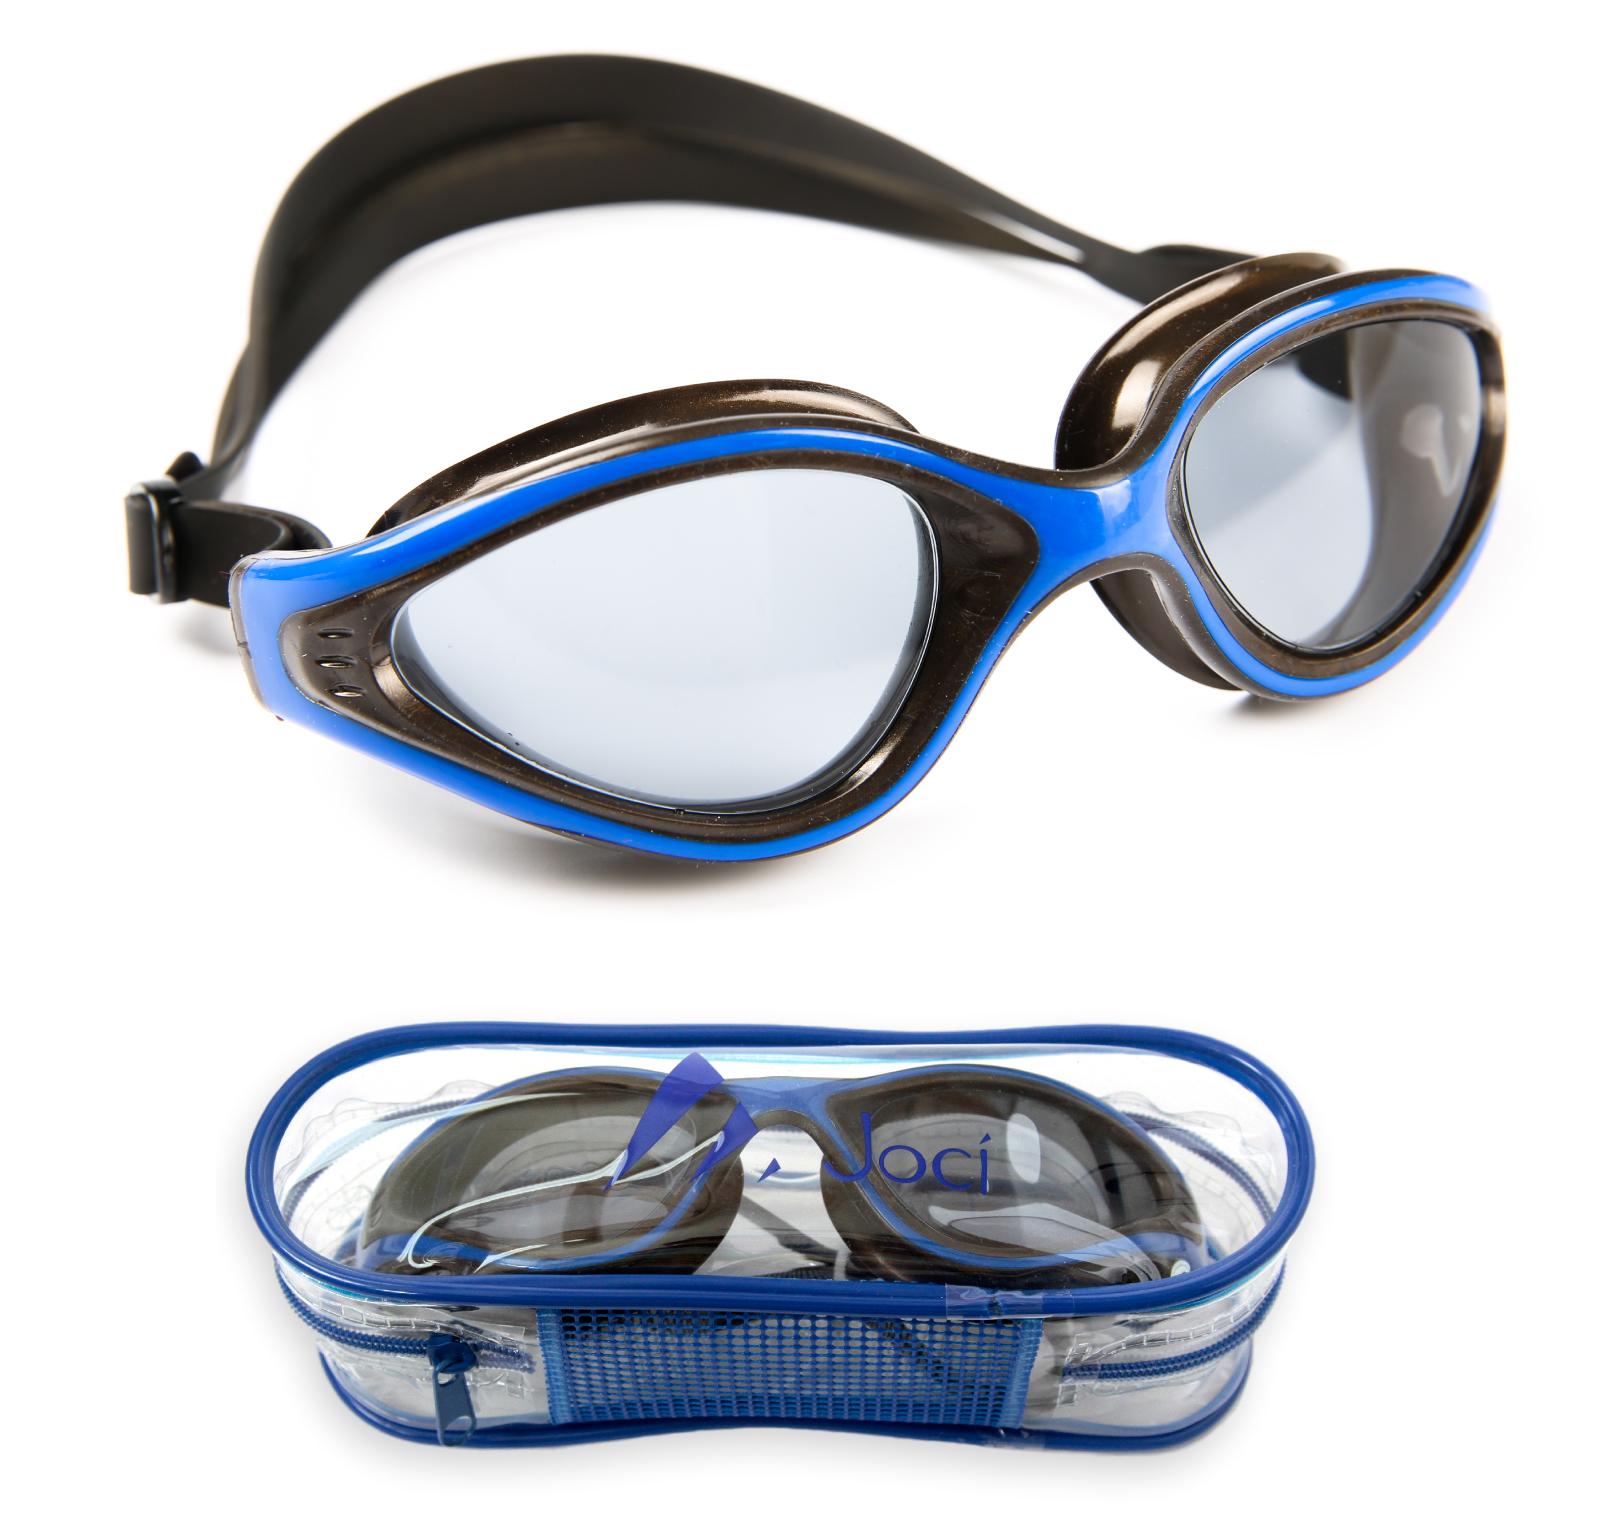 Joci Adult and Kids Swim Goggles $7.95 - Jet.com